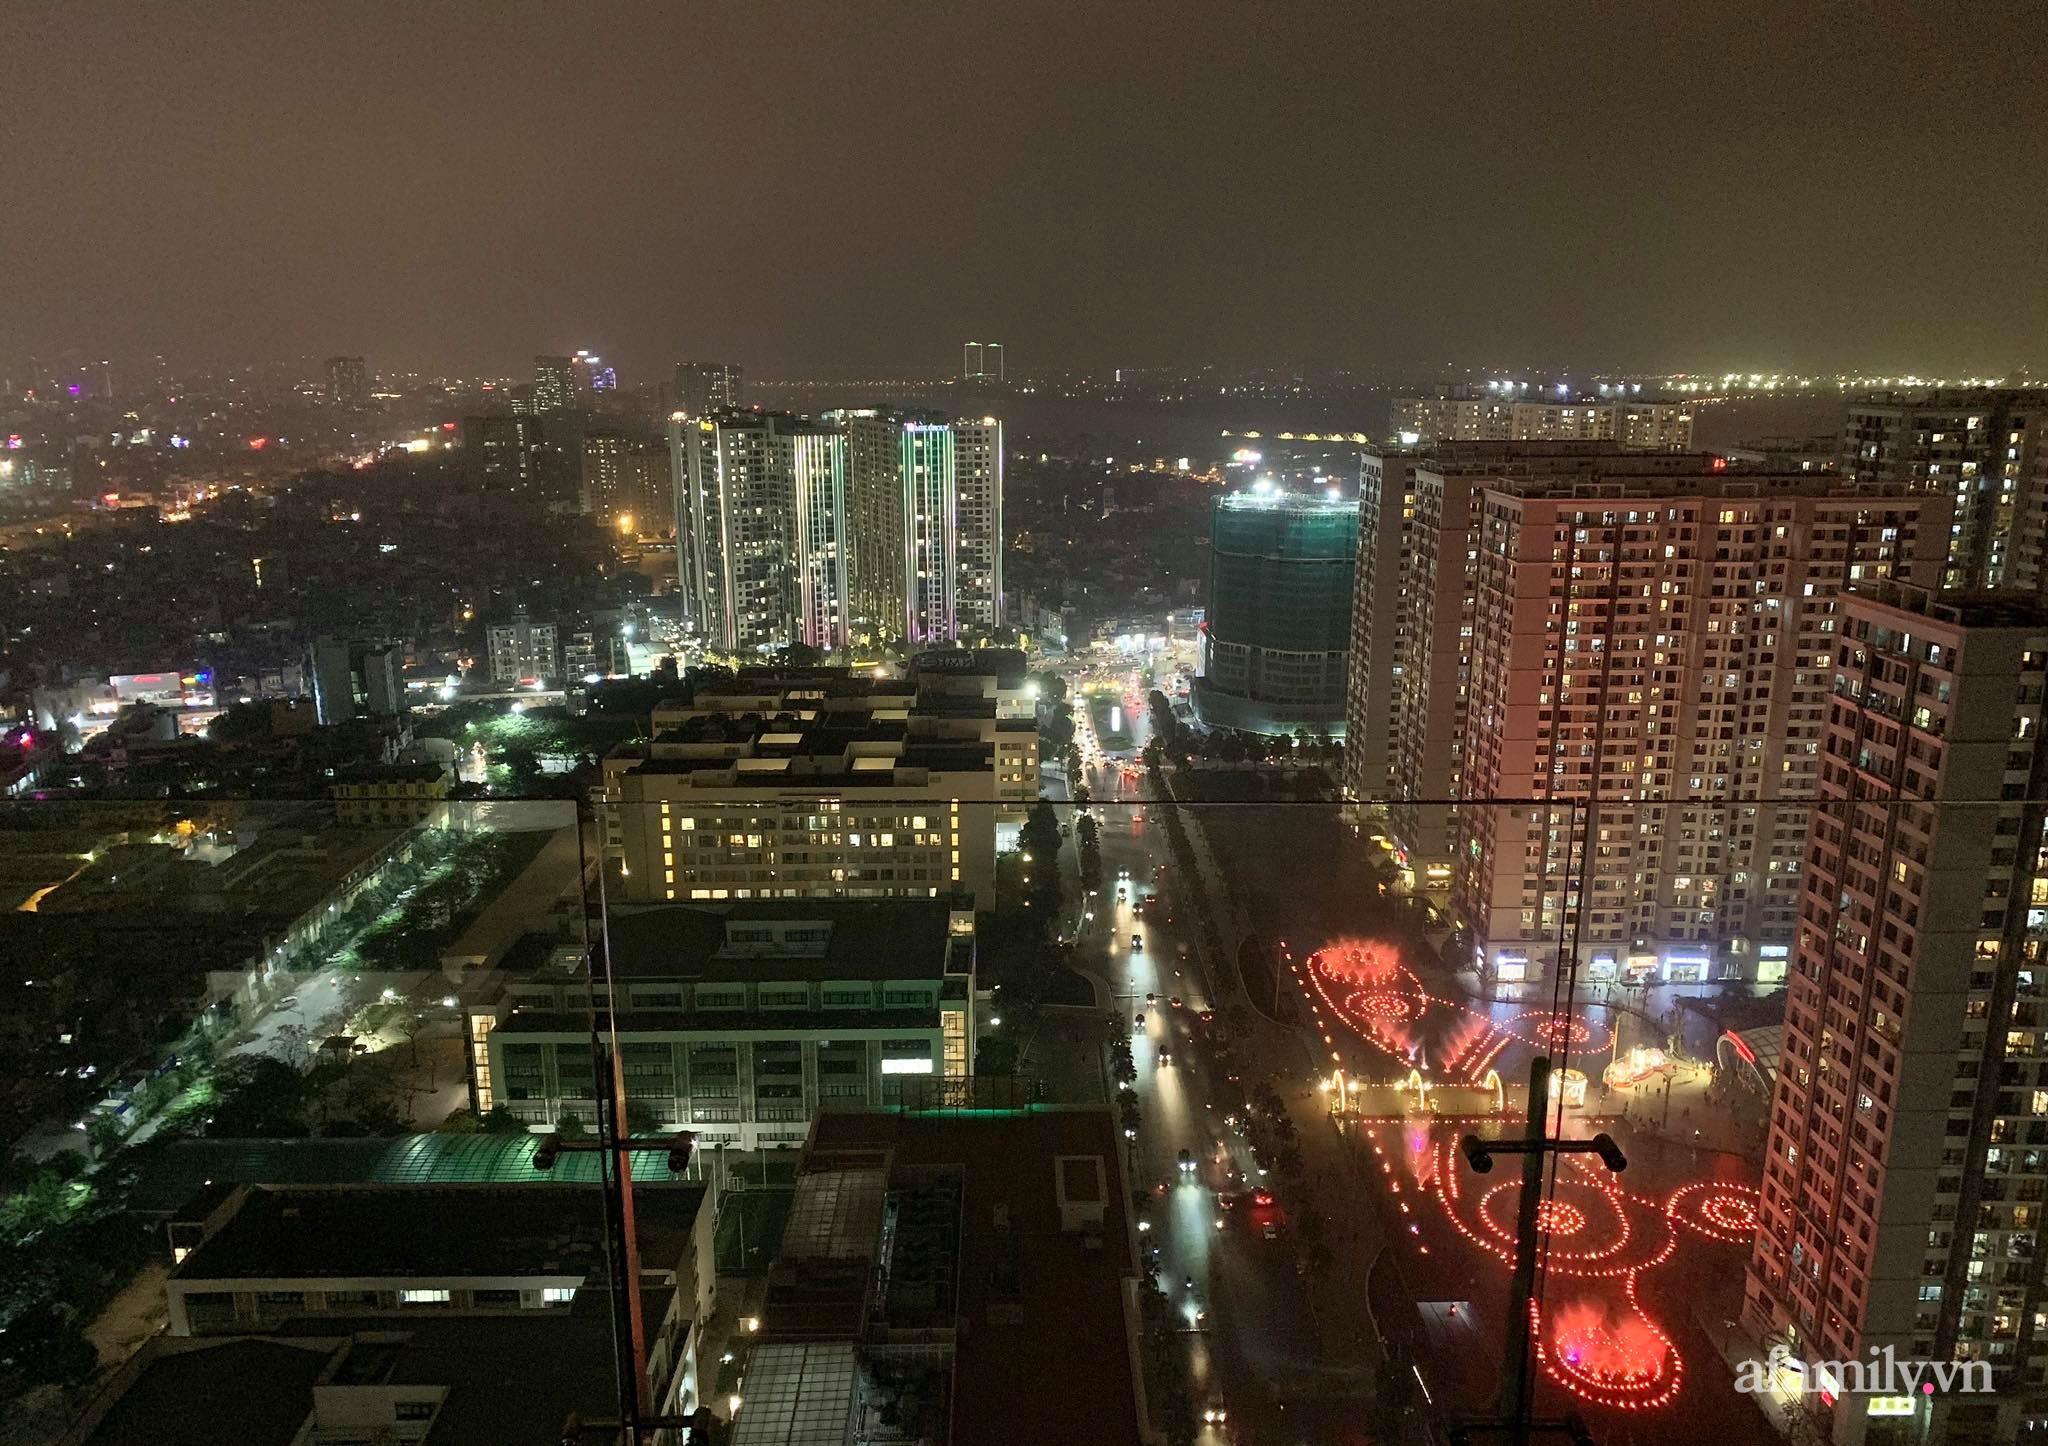 Căn hộ 79m² view trọn Hà Nội được chàng trai độc thân tự tay chọn đồ với chi phí 330 triệu đồng - Ảnh 3.